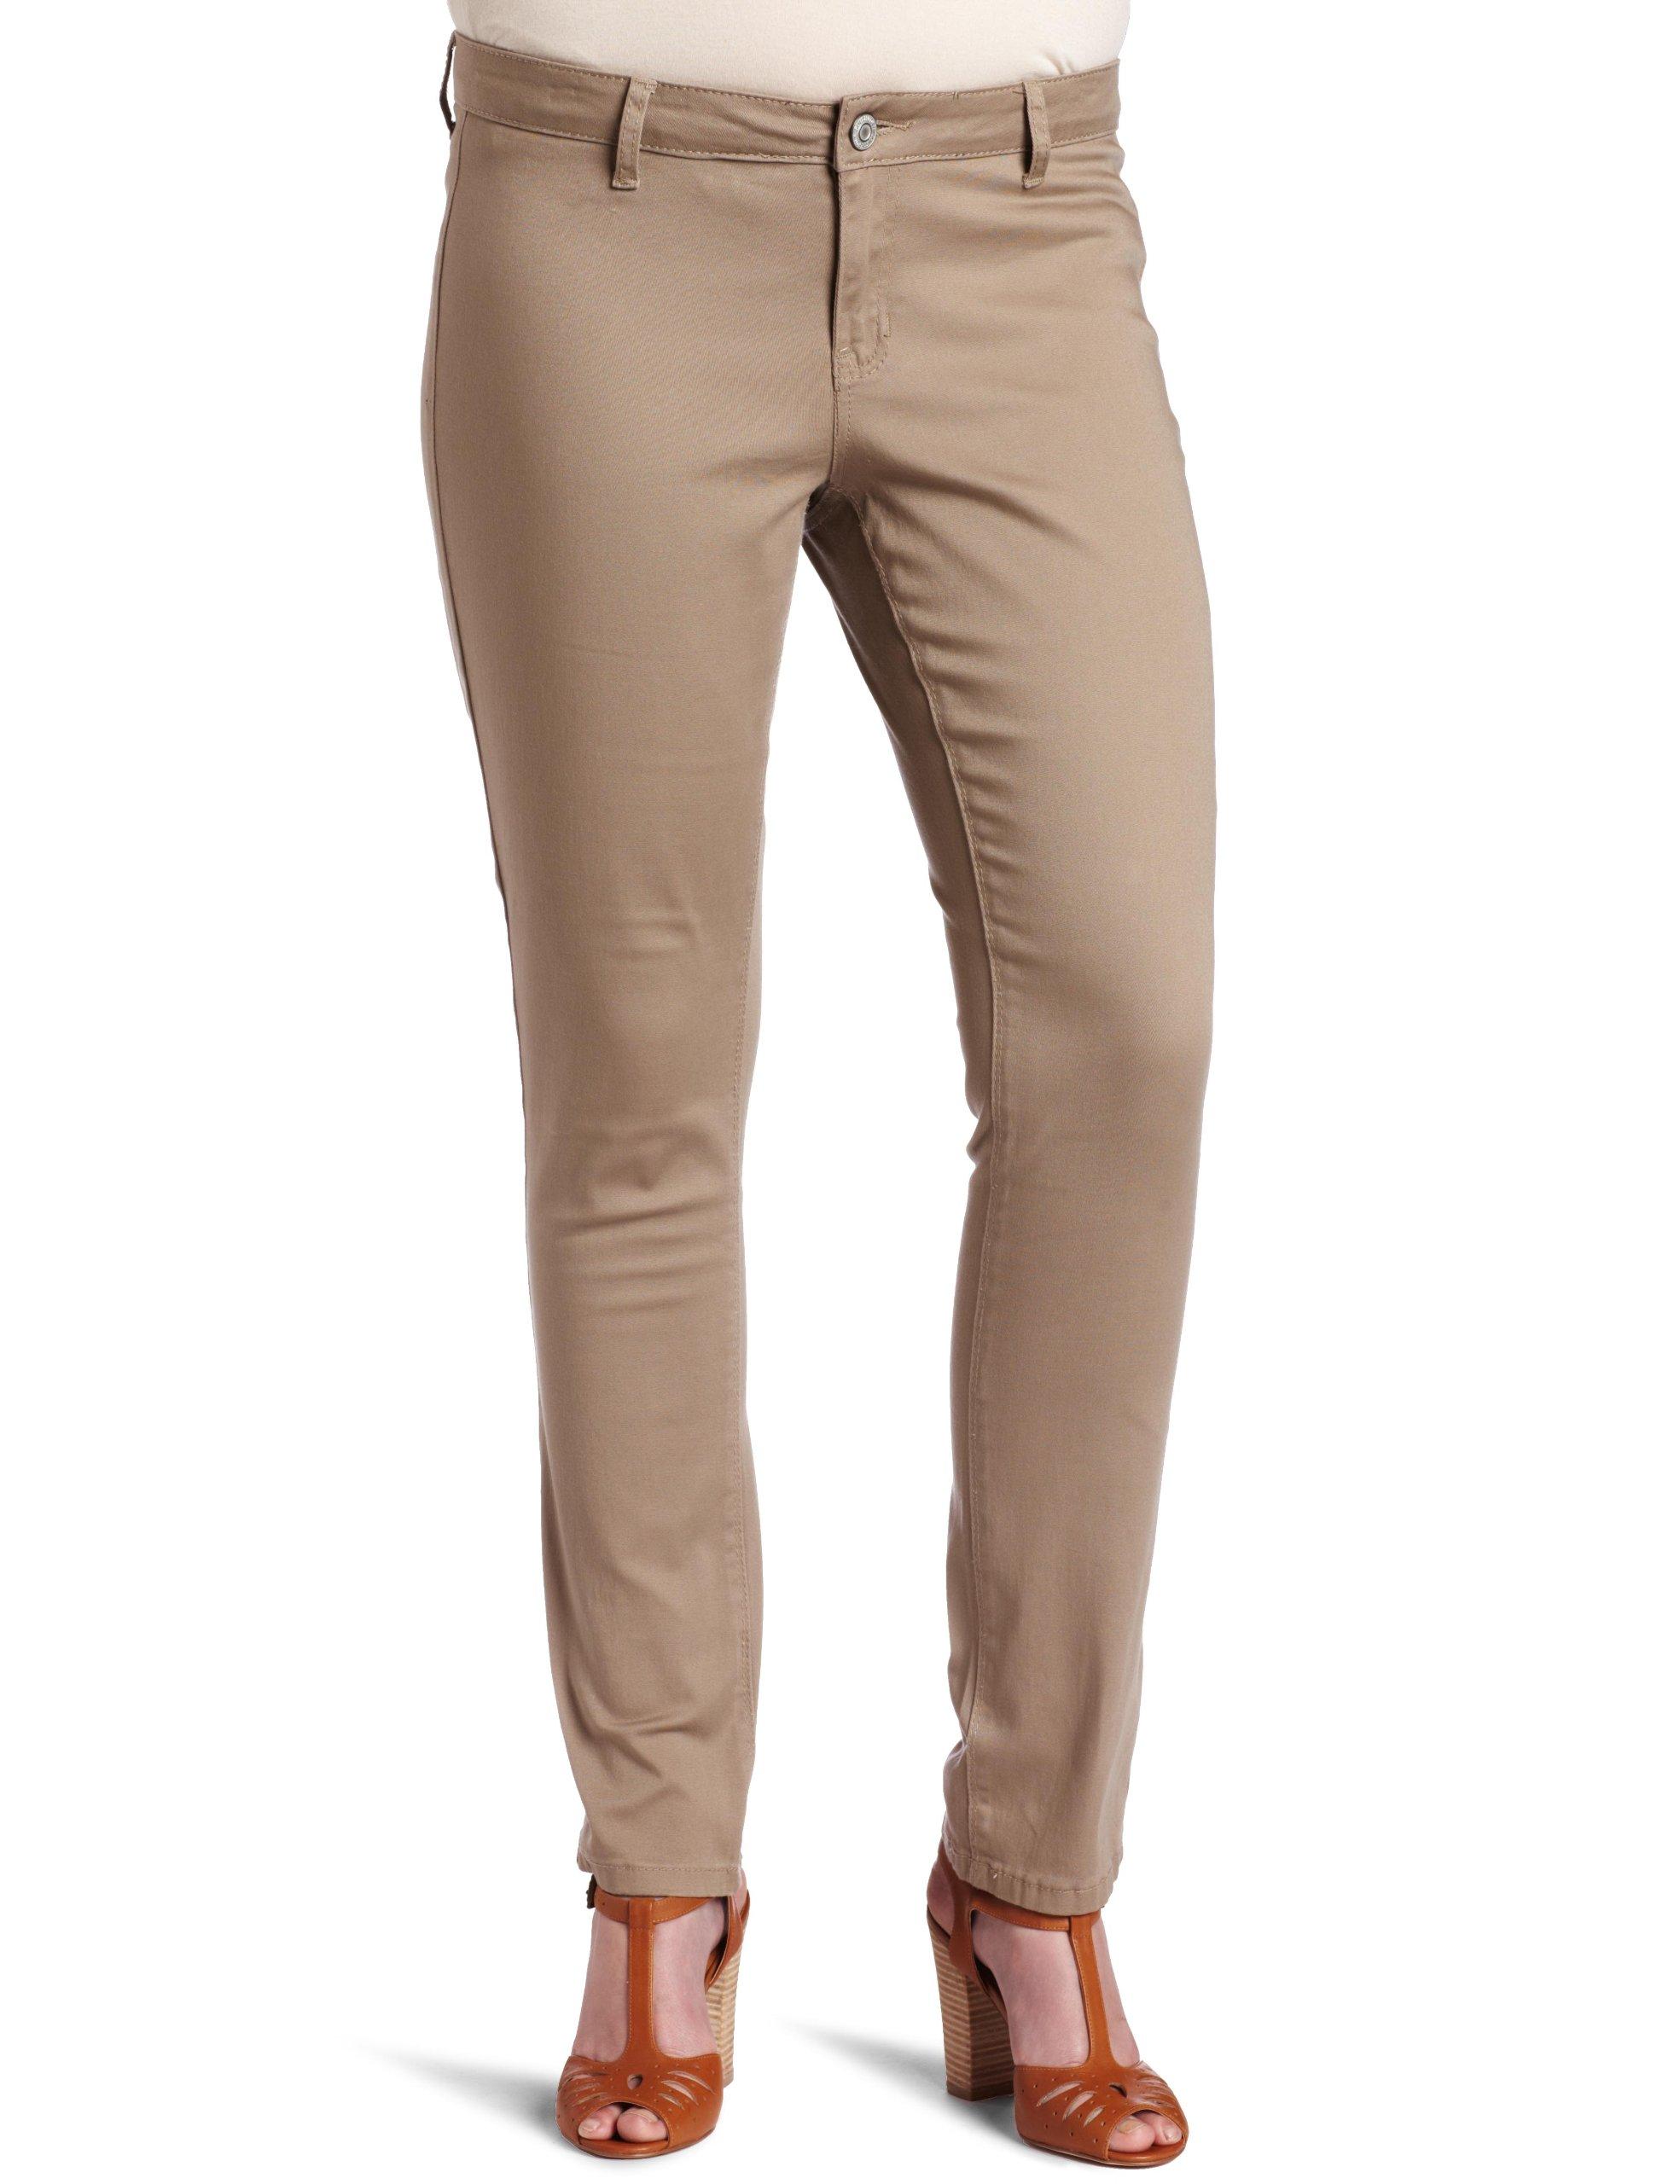 Southpole Juniors Plus-Size BASIC Uniform Low Rise Straight Fit Pant, Khaki, 14